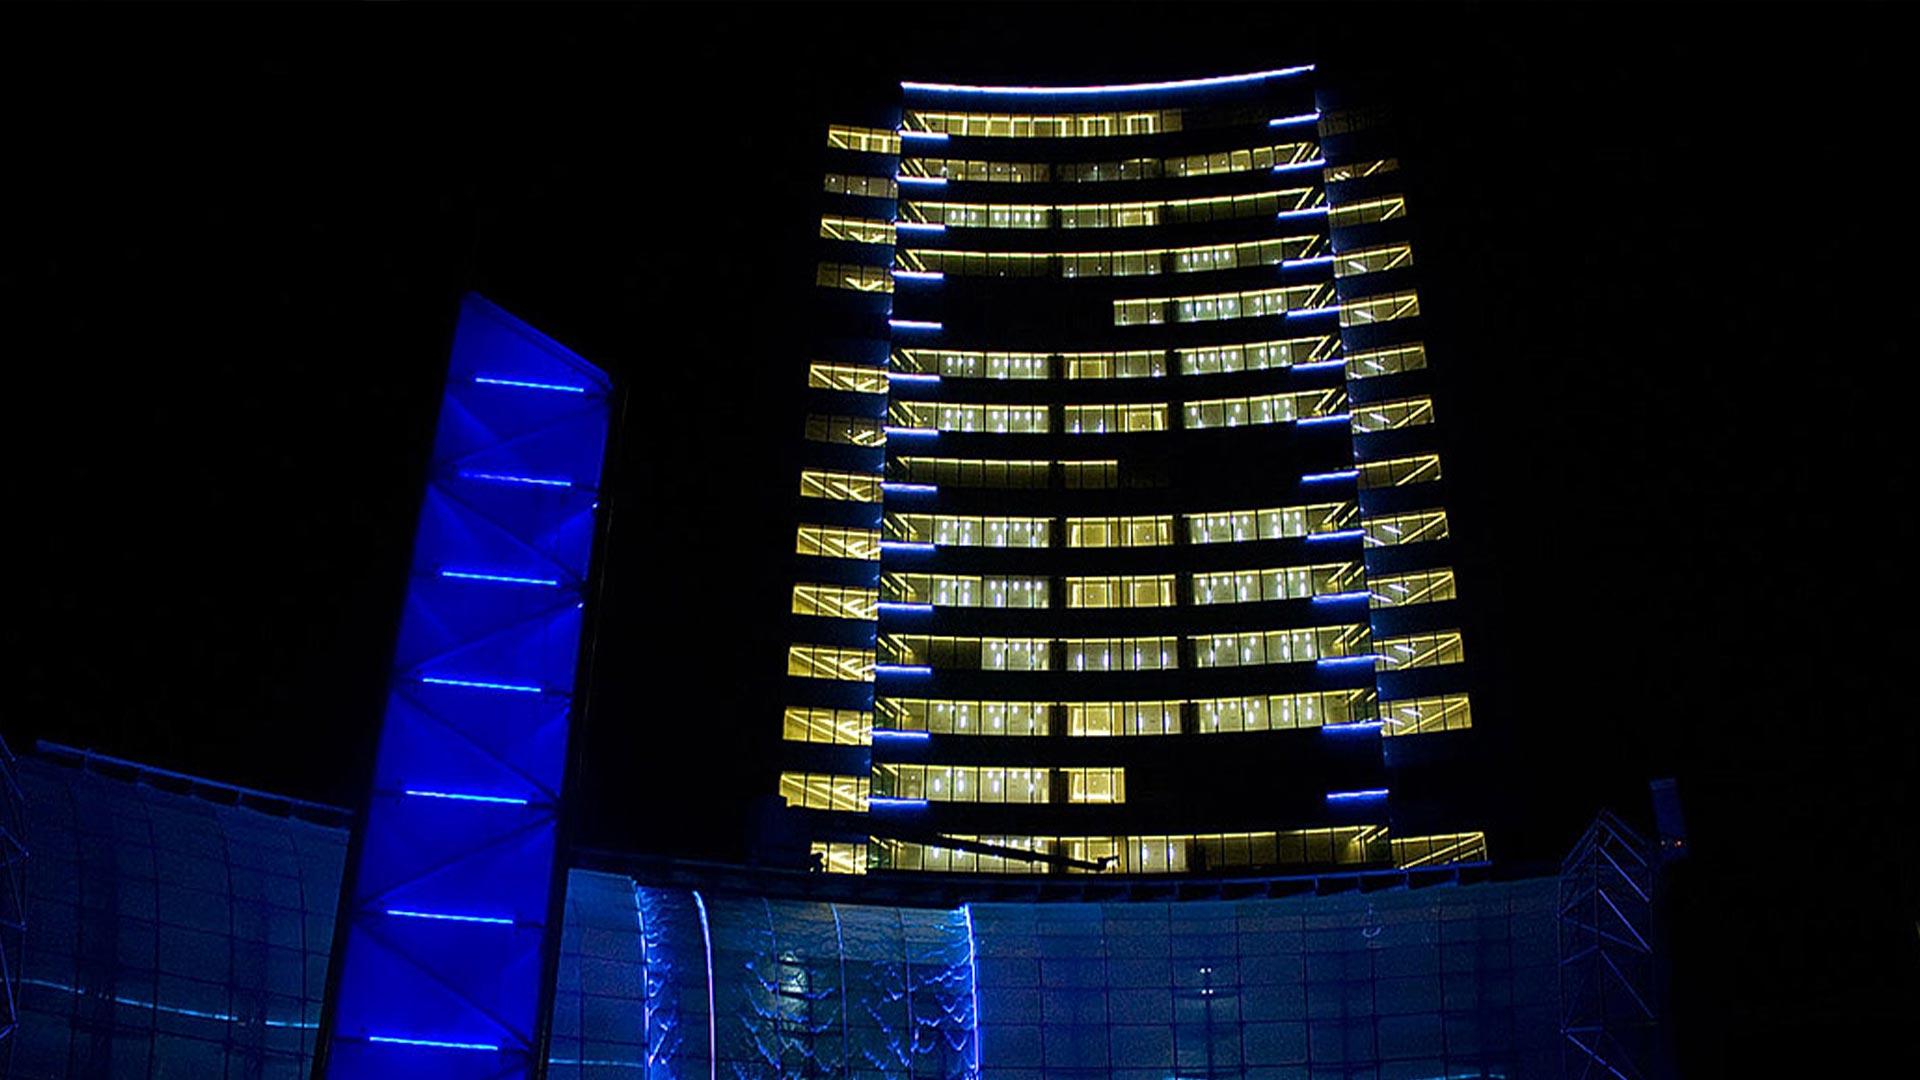 Safat Tower / Waterfal Mall, Kuwait